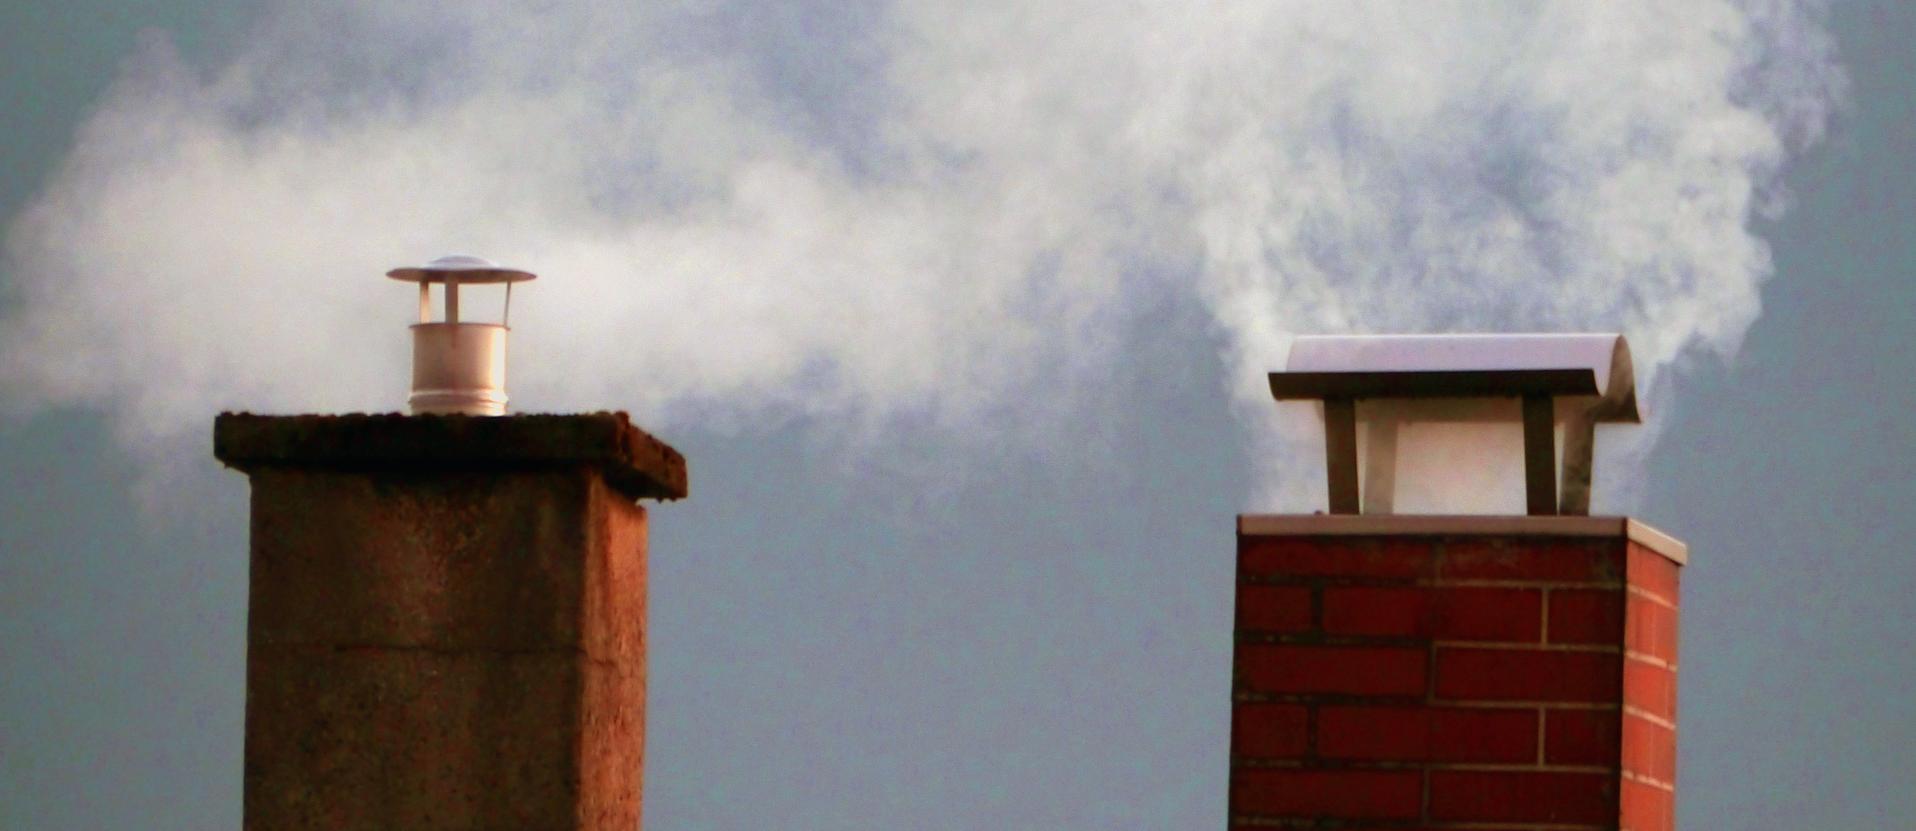 rauchende Schornsteine